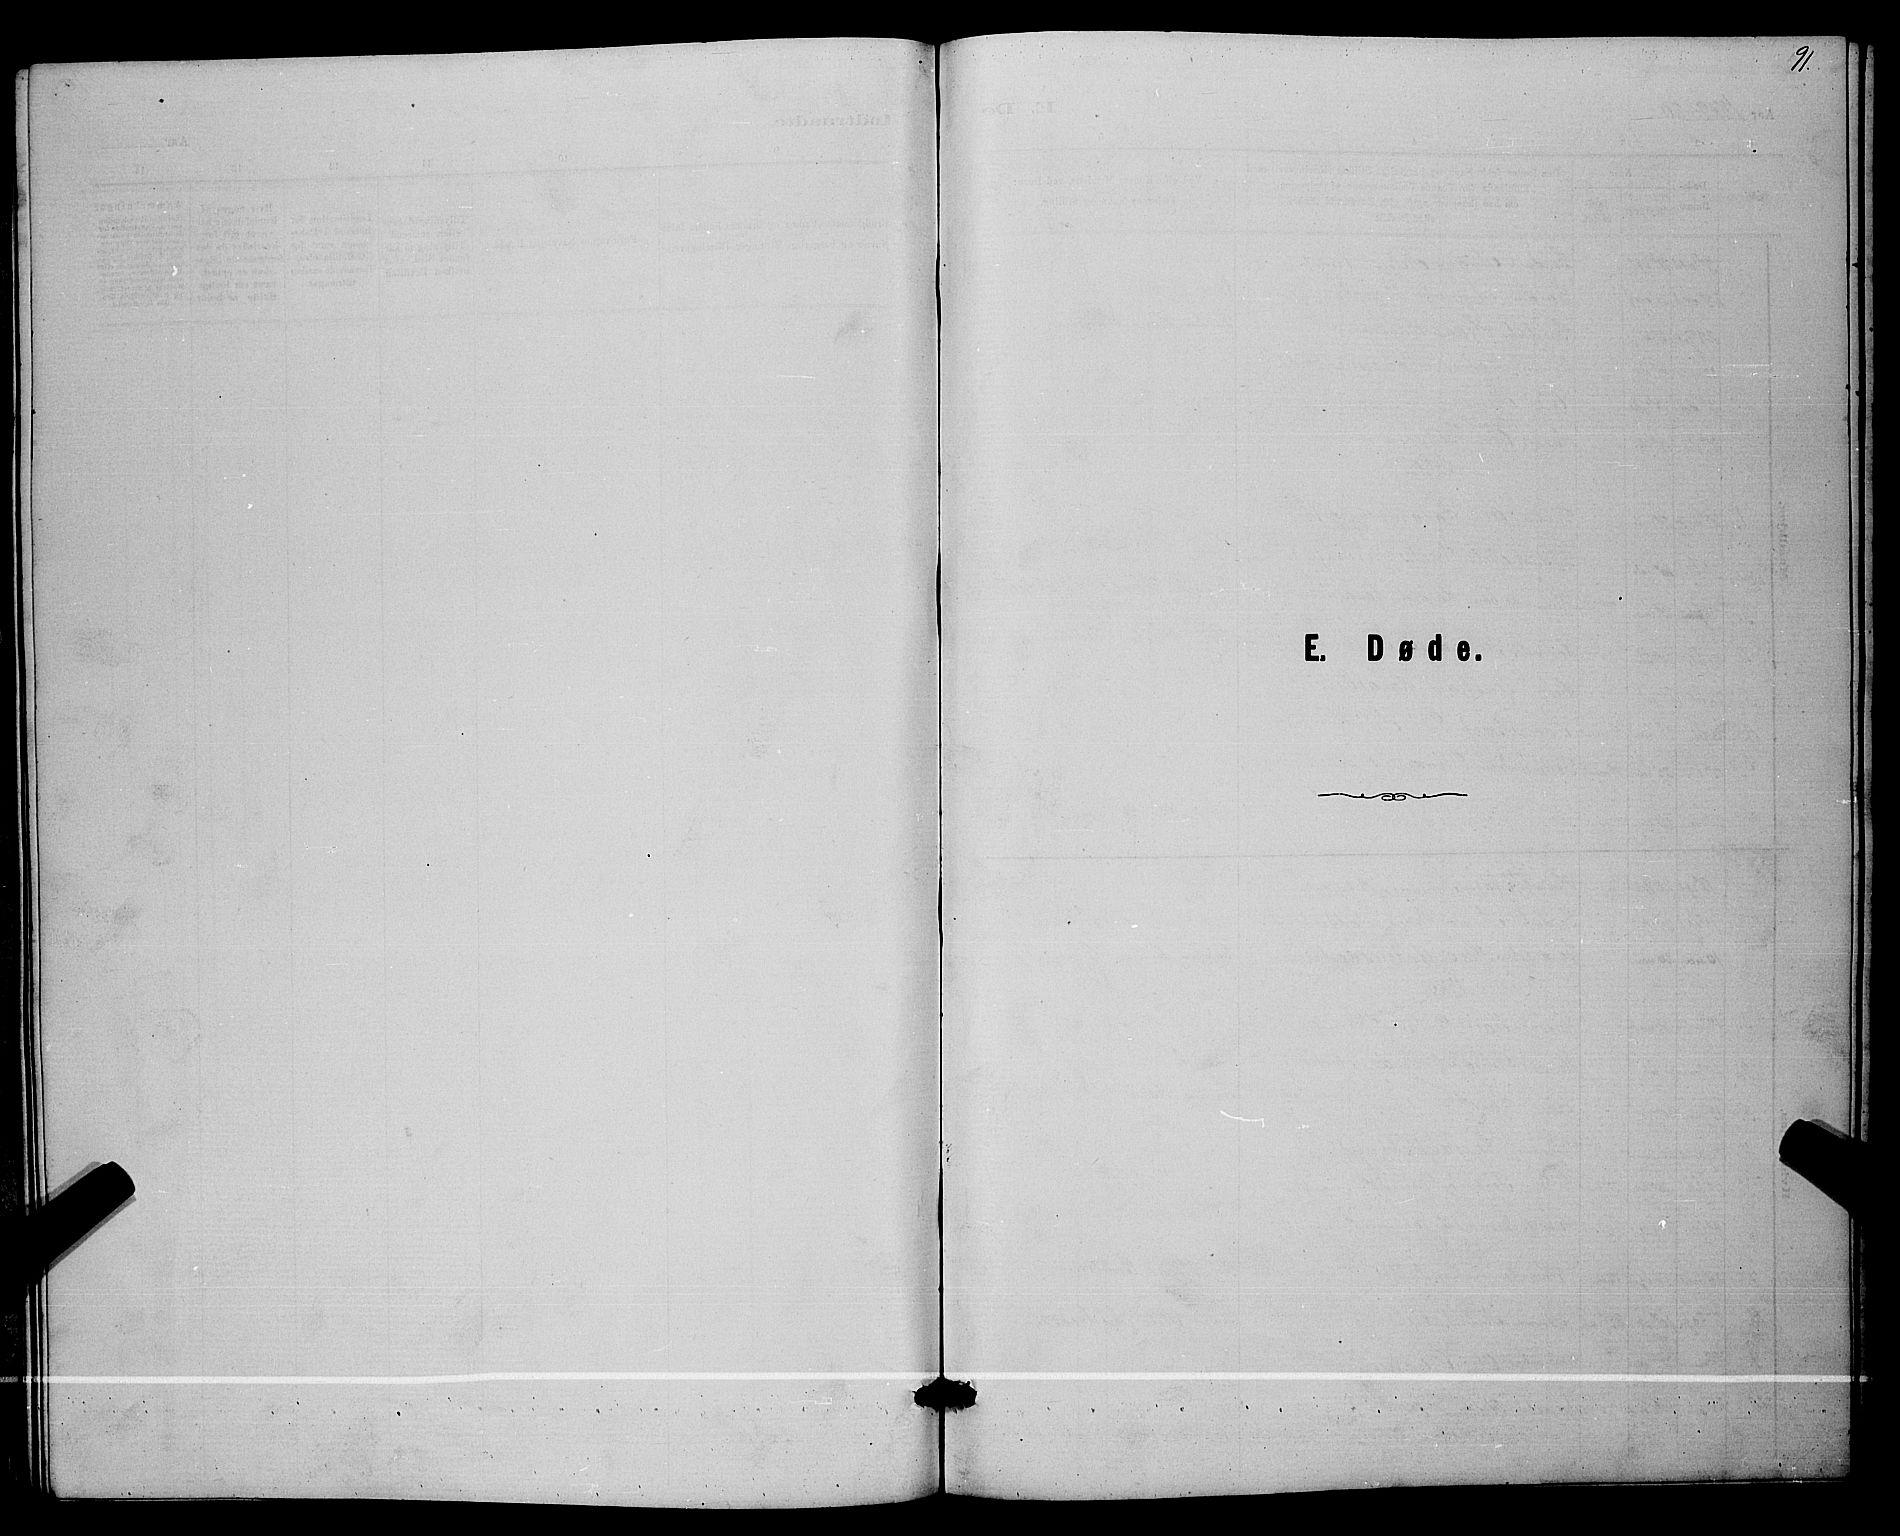 SAKO, Lunde kirkebøker, G/Ga/L0001b: Klokkerbok nr. I 1, 1879-1887, s. 91